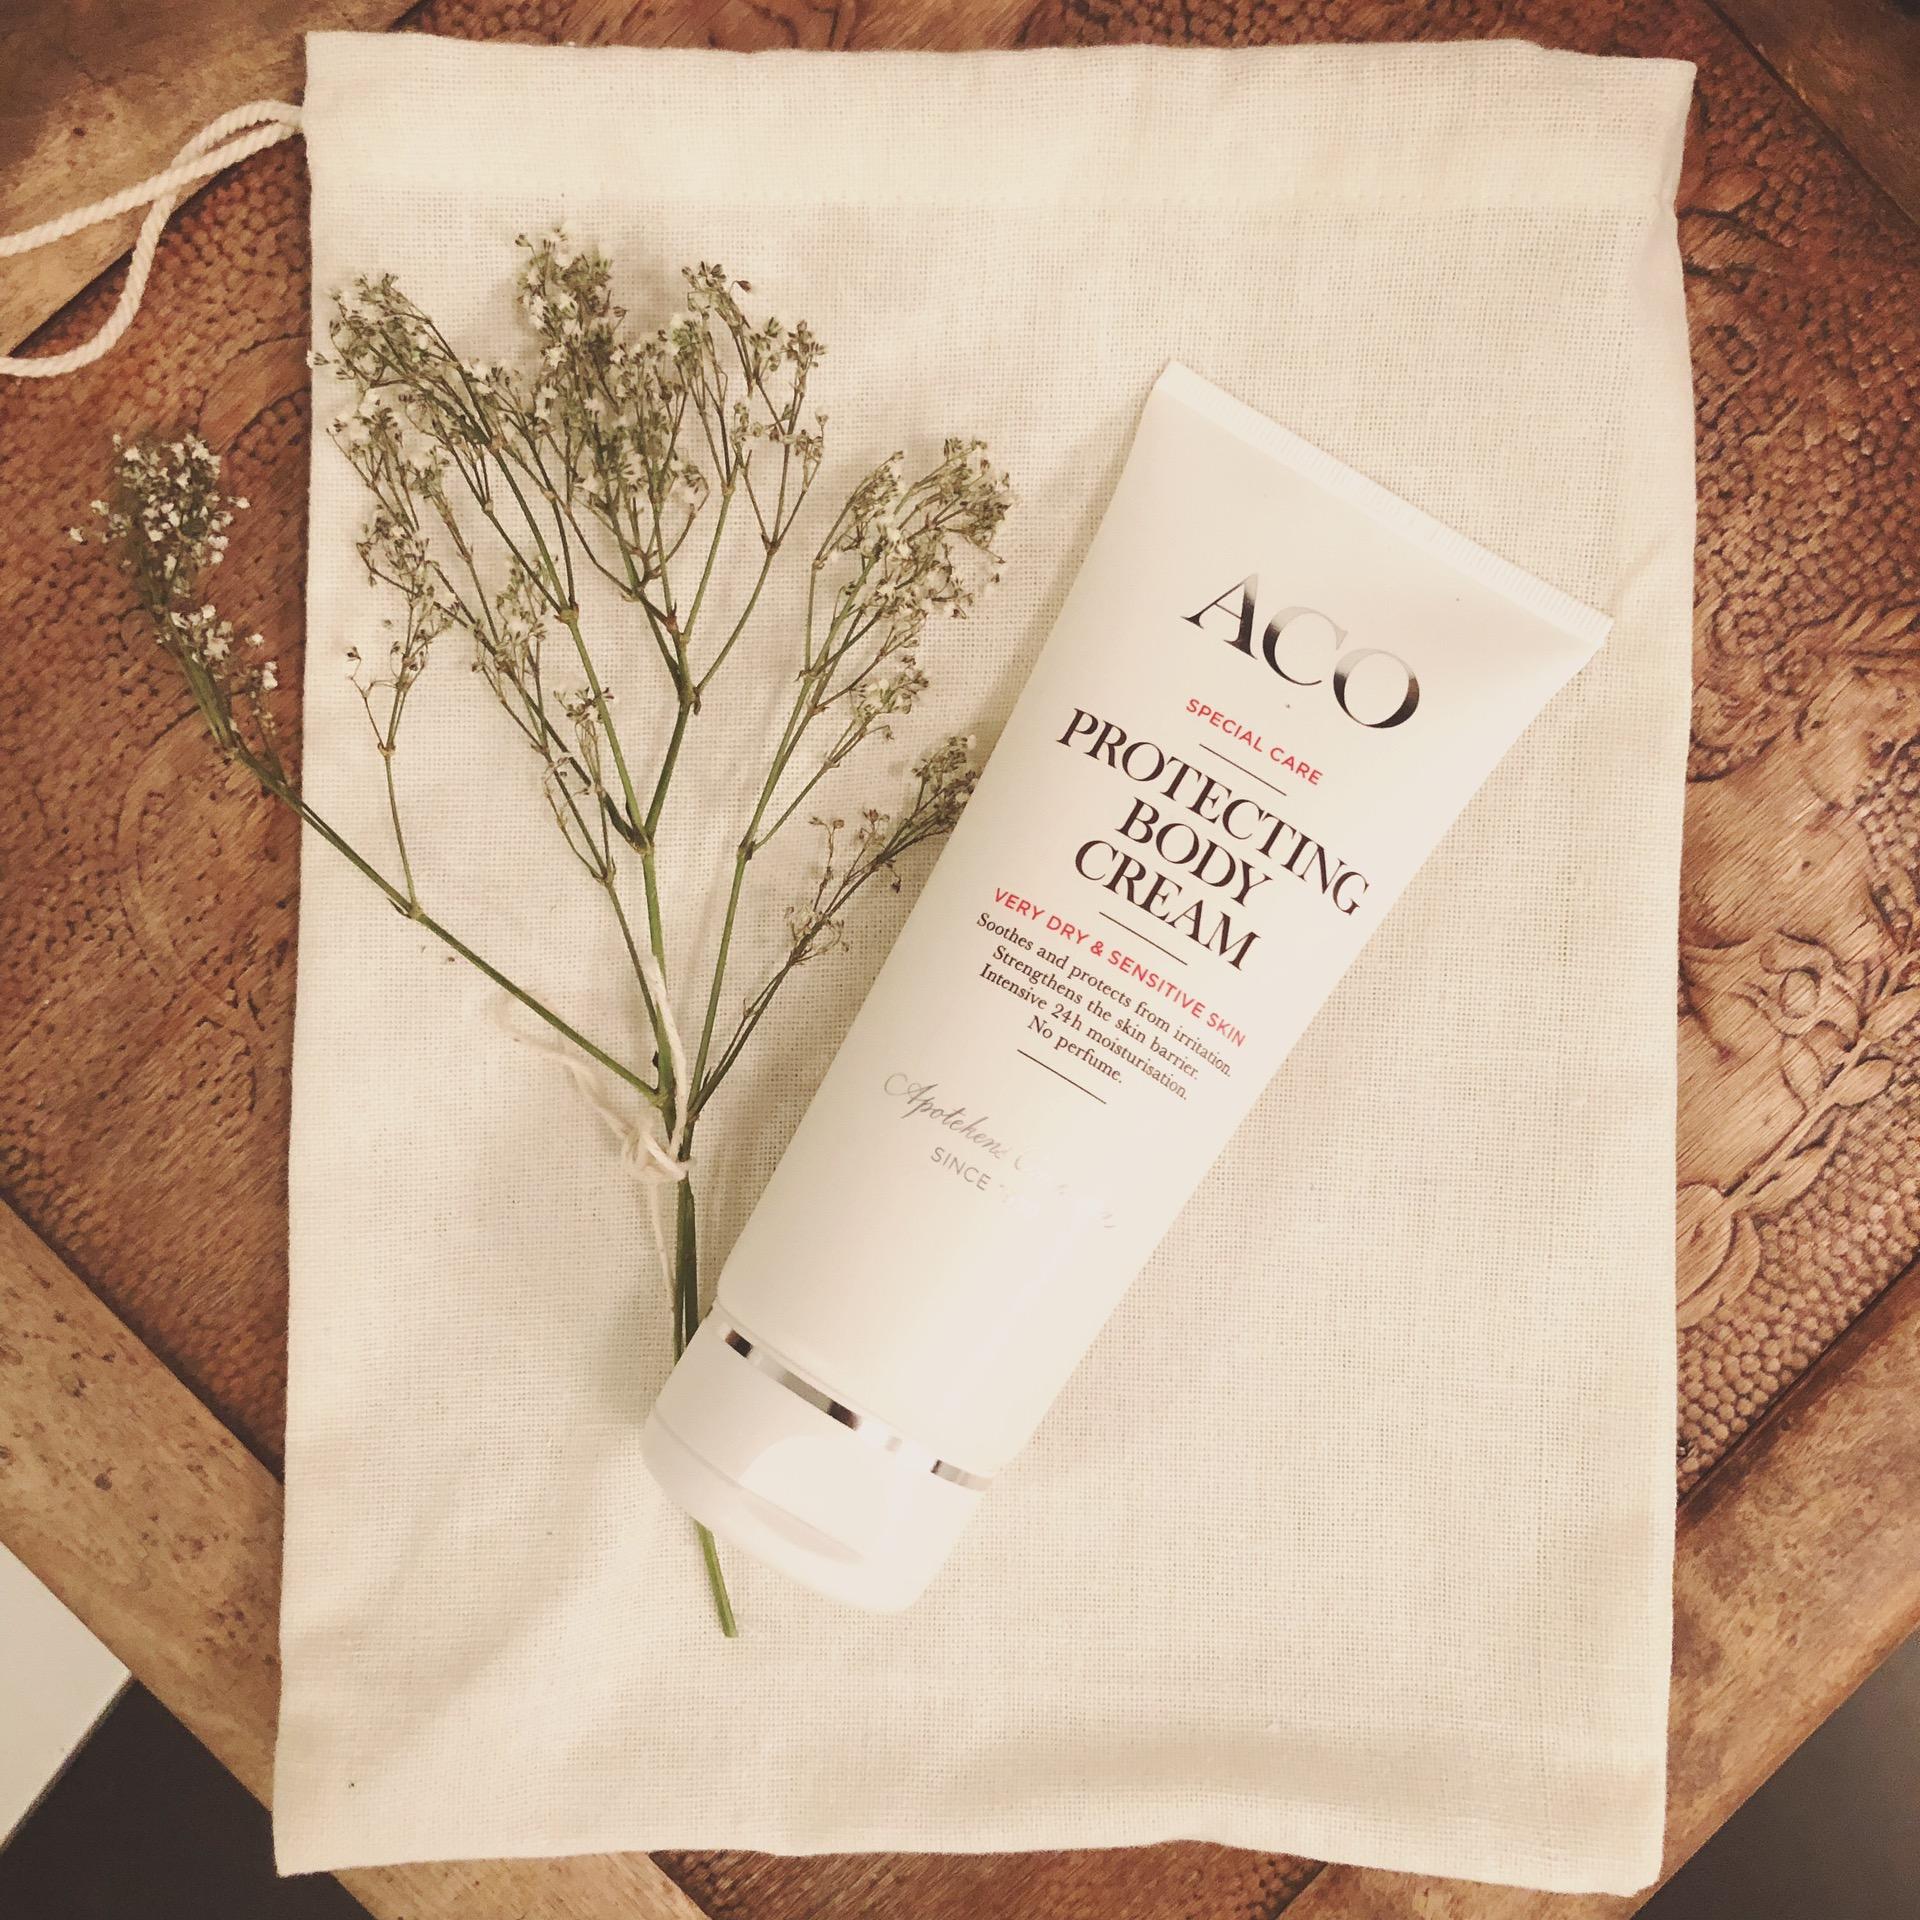 aco protecting body cream